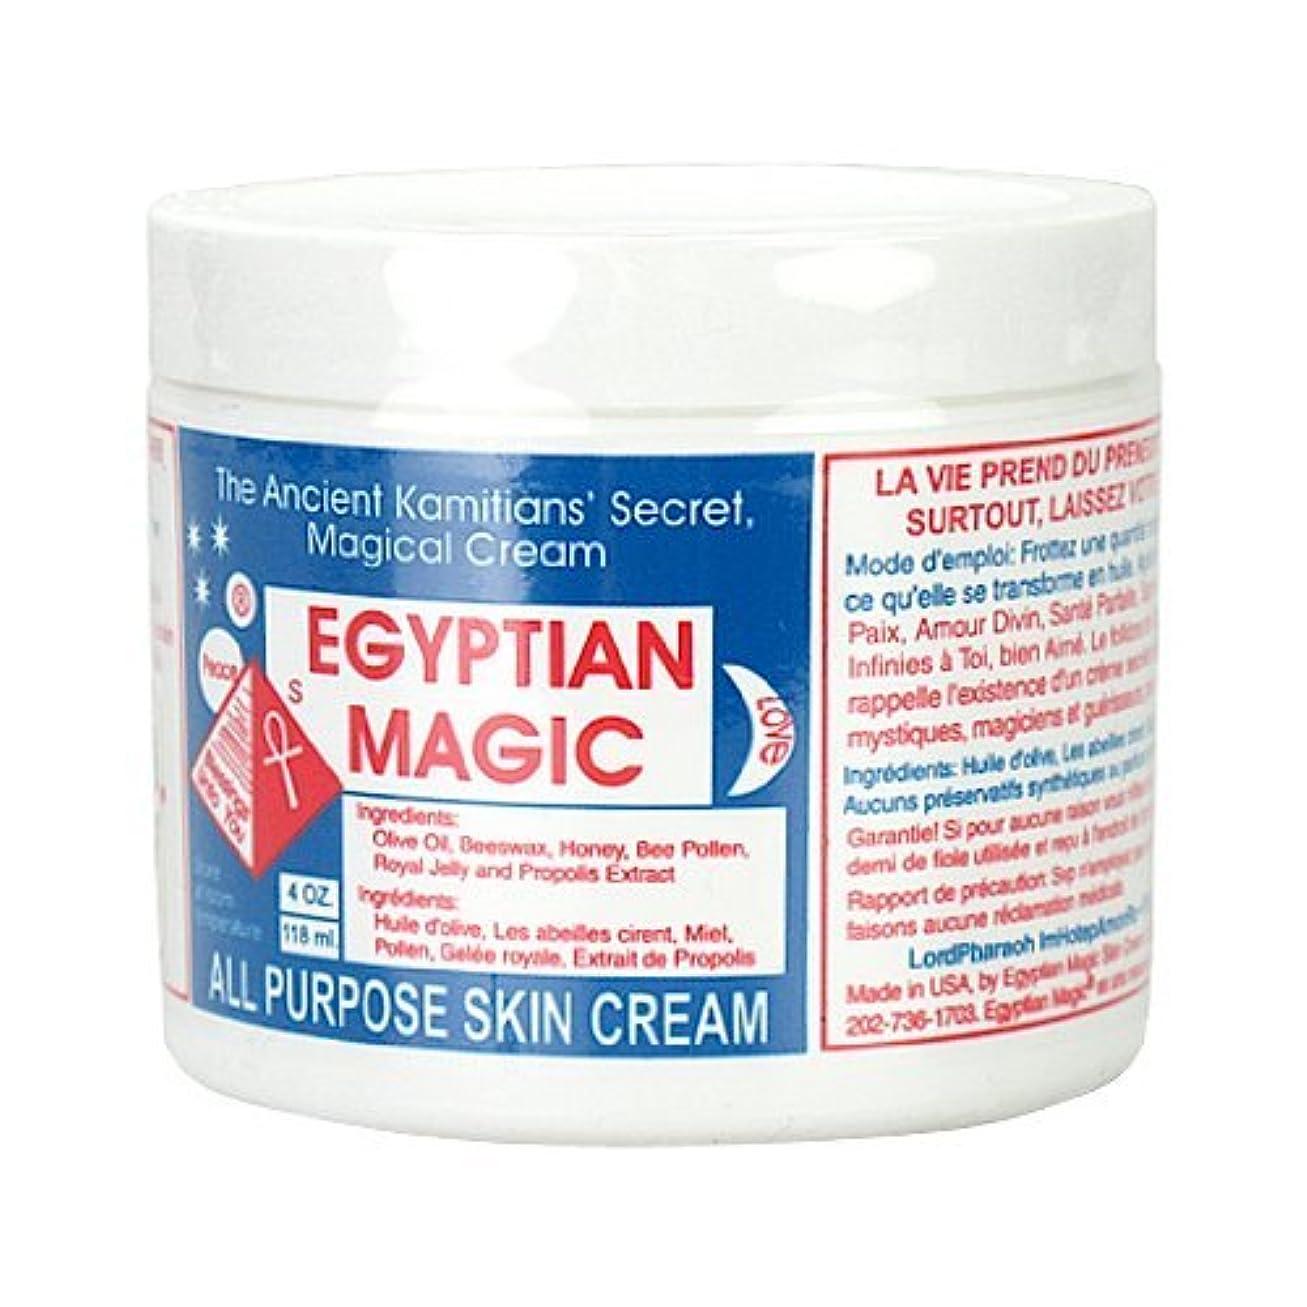 荒廃するビデオ微生物エジプシャンマジック EGYPTIAN MAGIC エジプシャン マジック クリーム 118ml 保湿クリーム